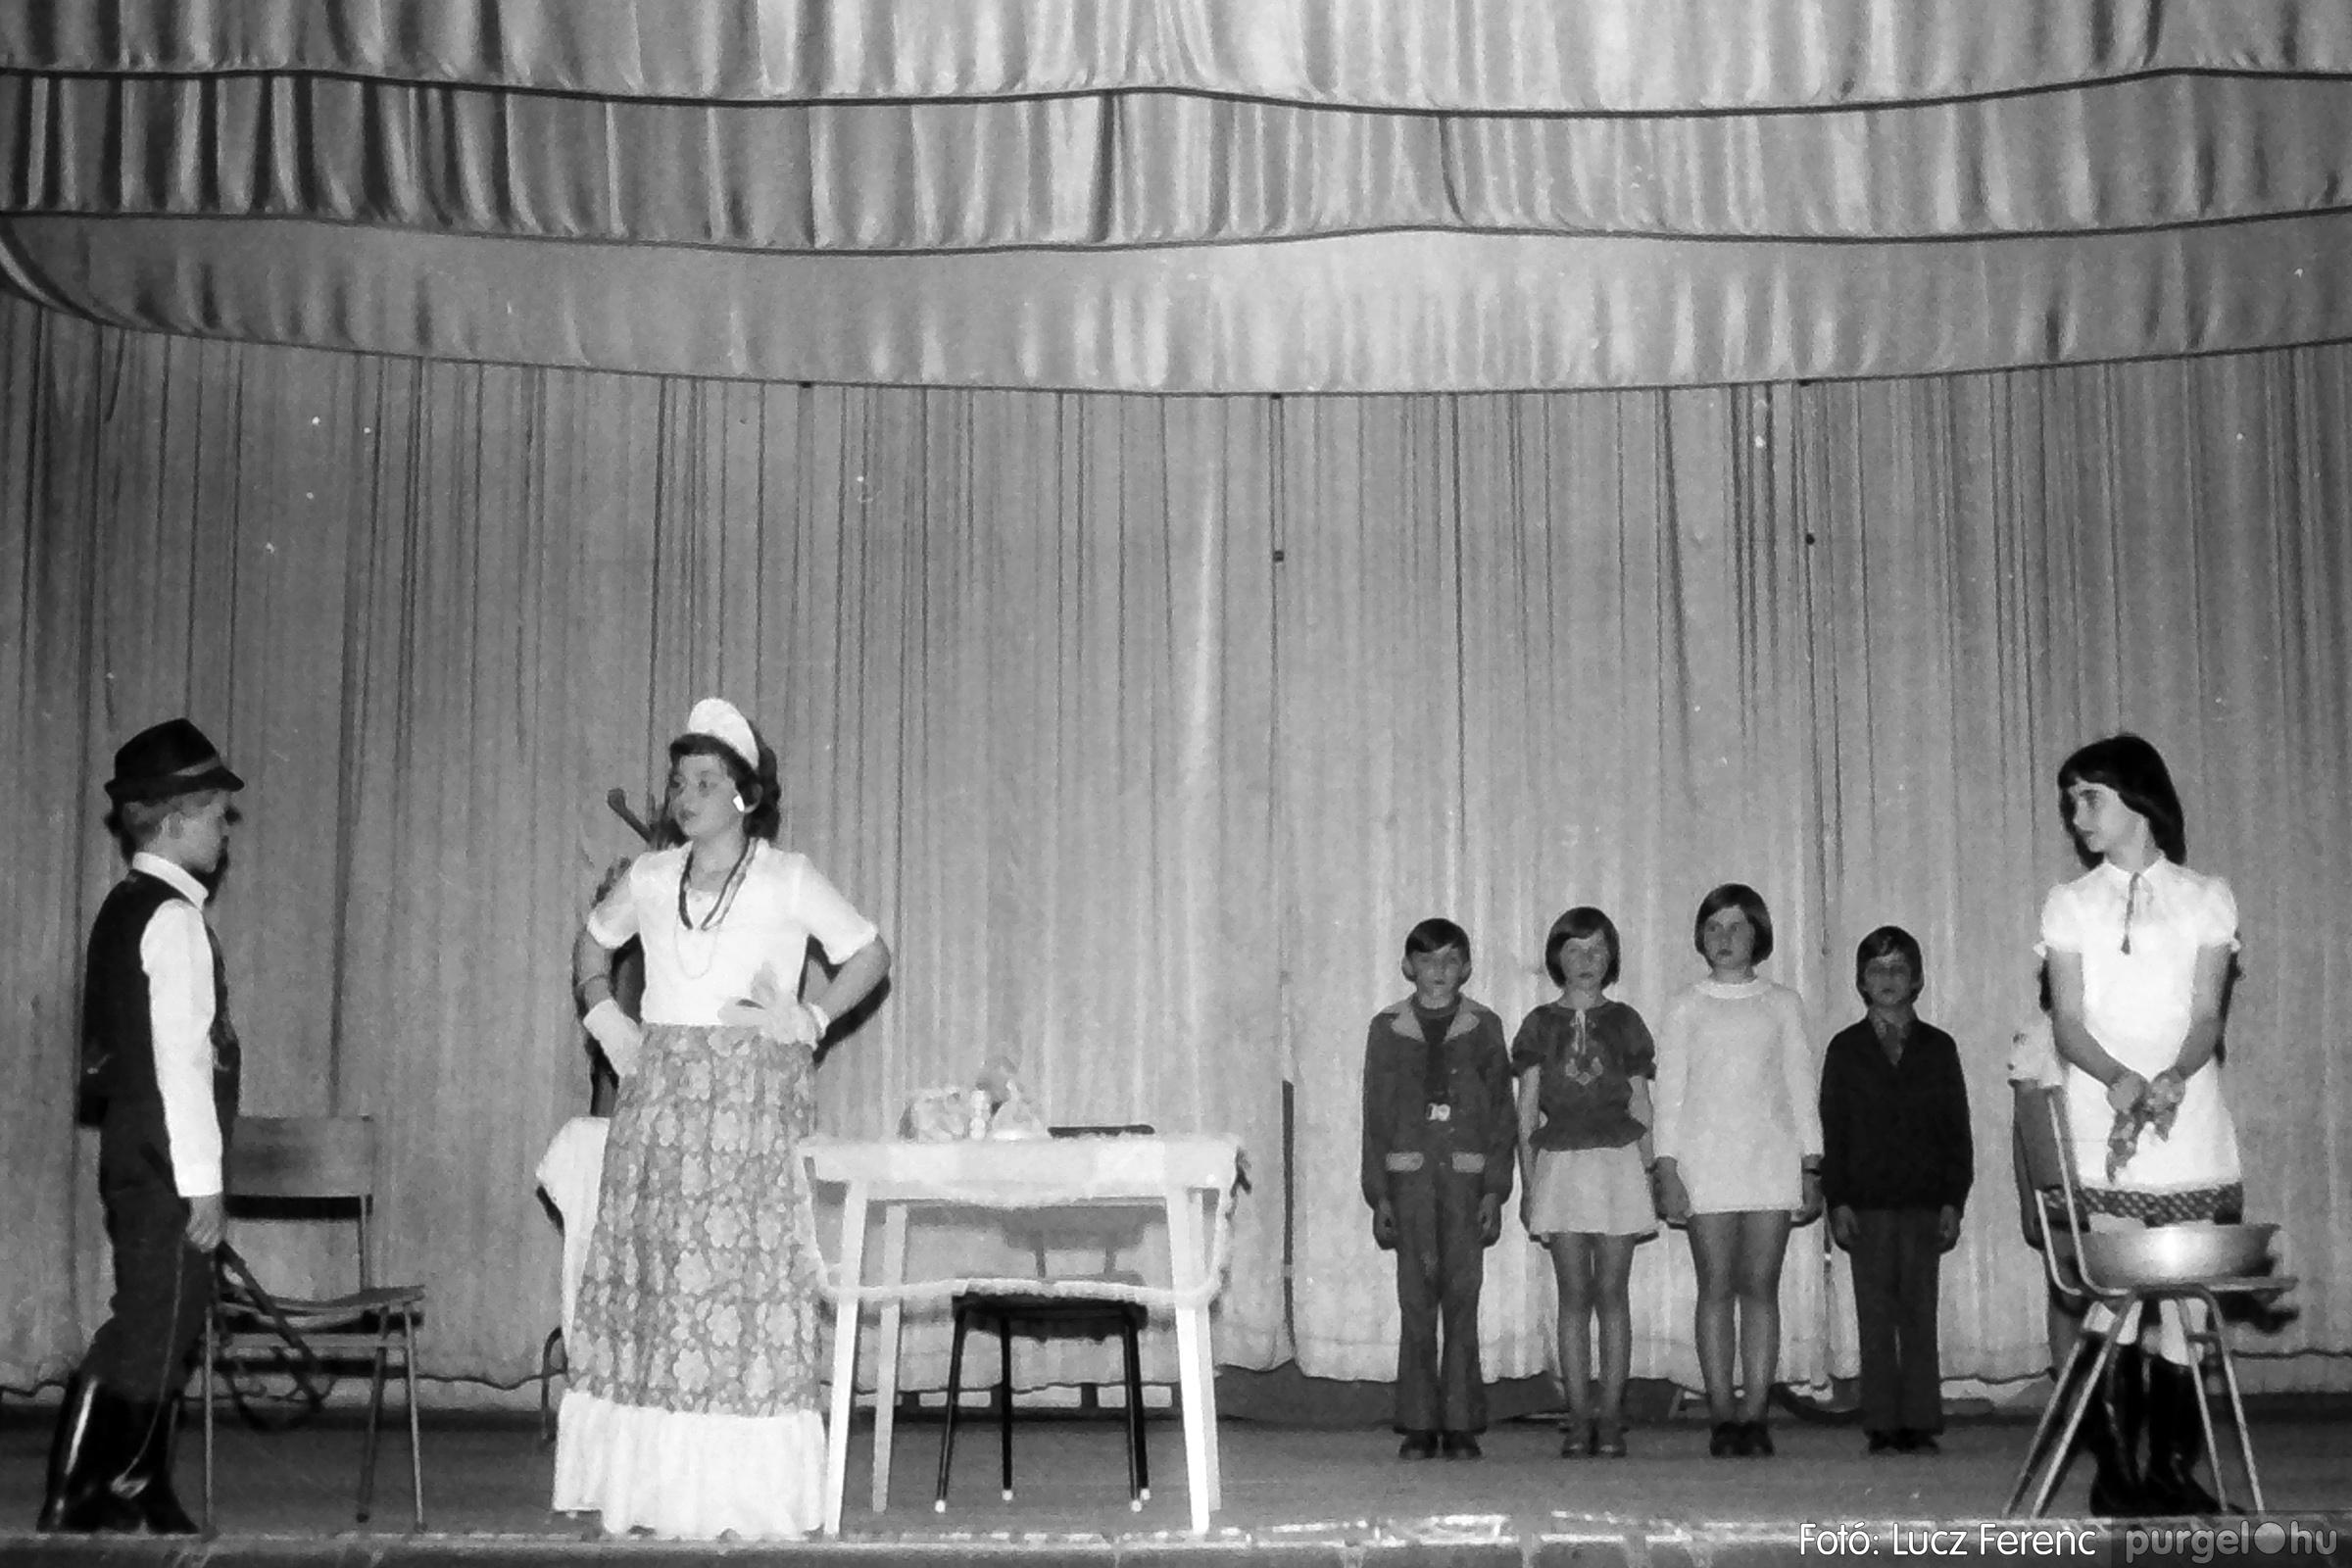 077. 1977. Iskolások fellépése a kultúrházban 025. - Fotó: Lucz Ferenc.jpg